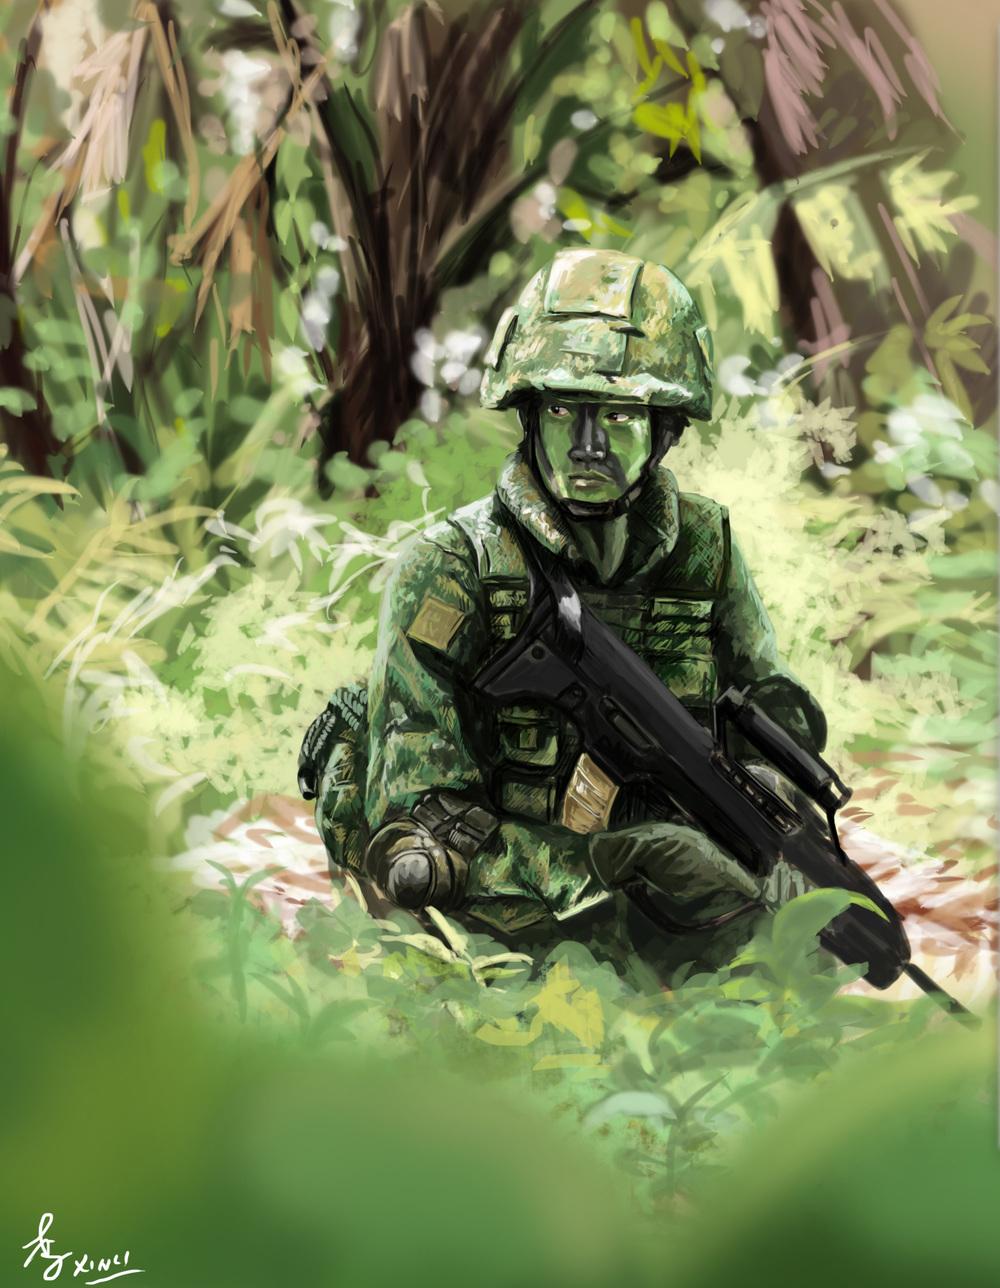 HEY SOLDIER!